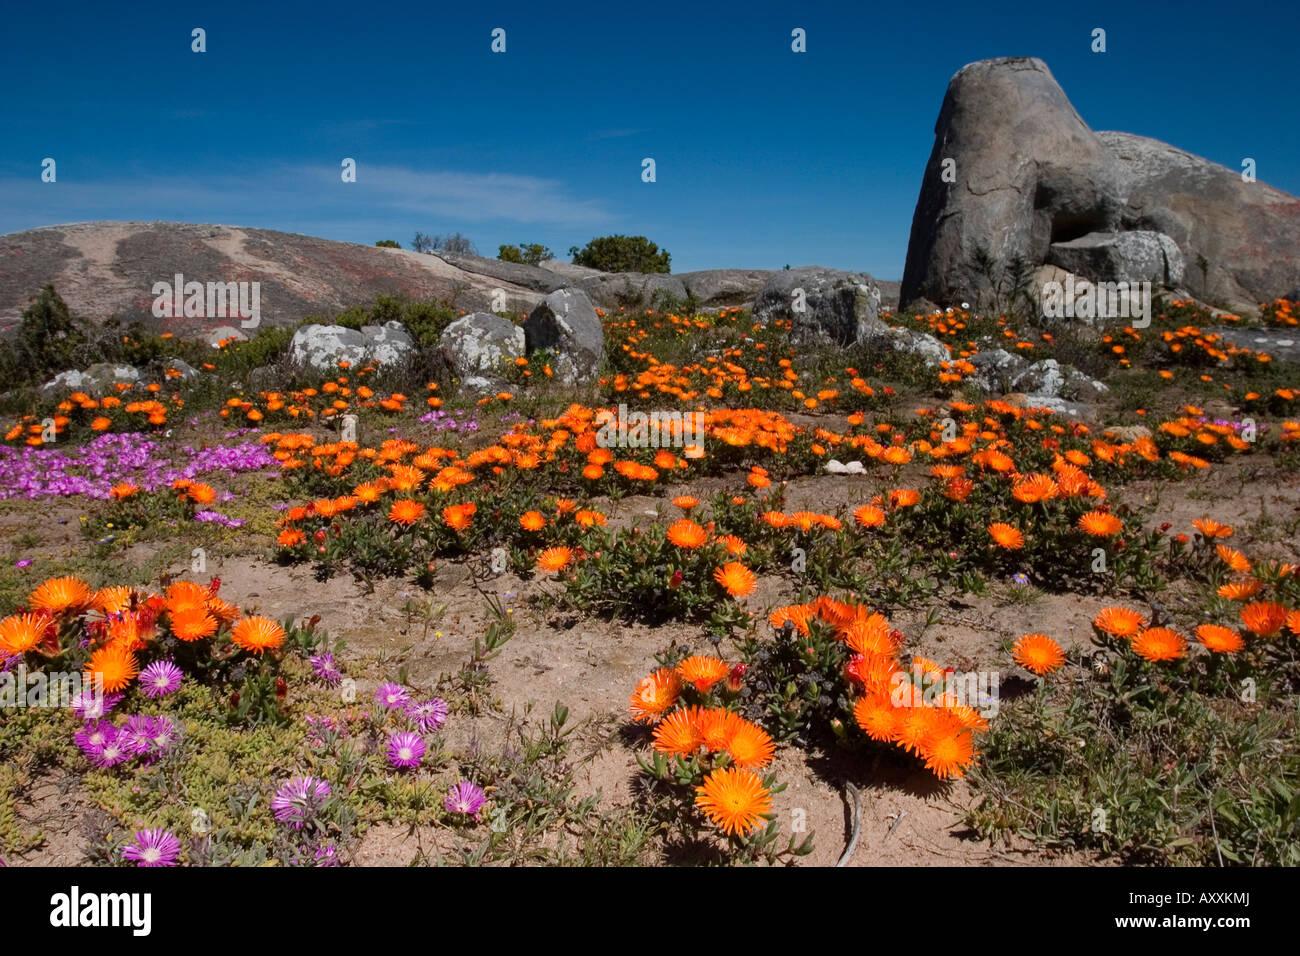 Daisy, (Asteraceae), West Coast N.P., Langebaan, South Africa - Stock Image